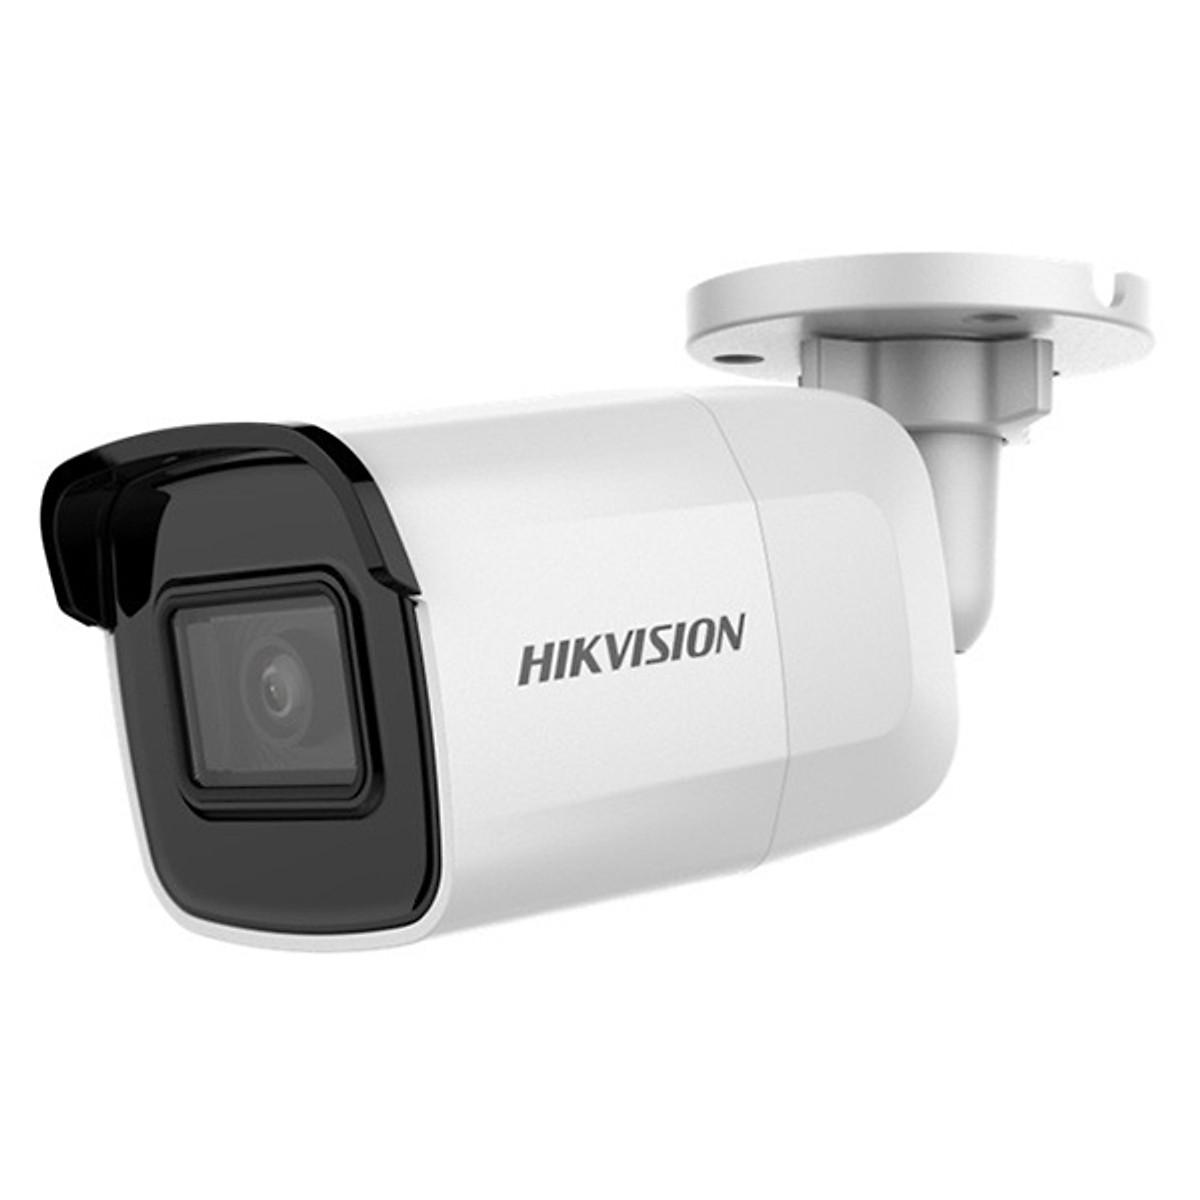 Camera IP HIKVISION DS-2CD2021G1-IW 2.0 Megapixel, F4mm, Micro SD, Kết Nối Wifi, DWDR – Hàng Nhập Khẩu